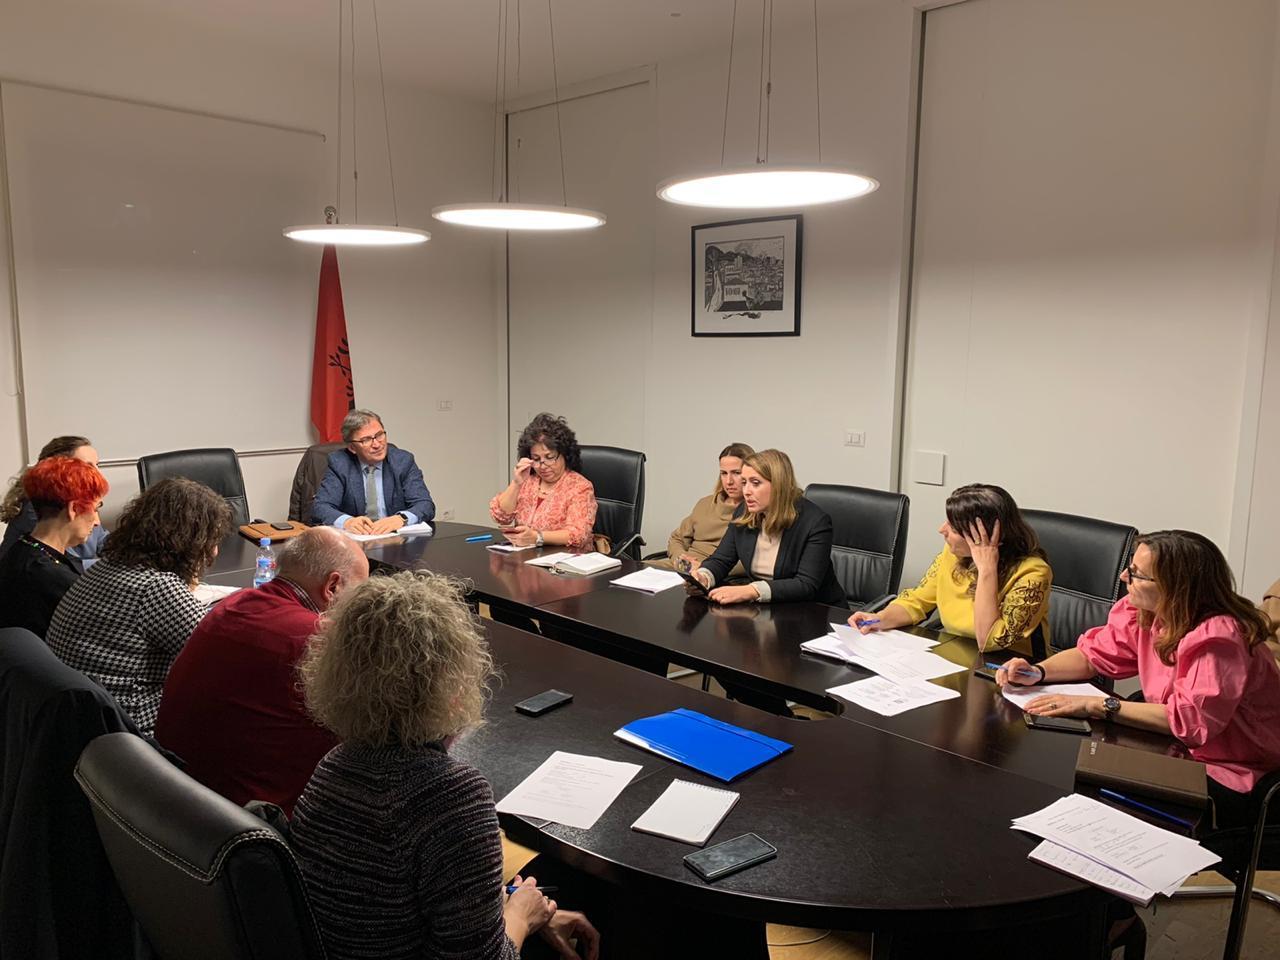 Αλβανία: Οδηγίες για τον κορωναϊό έδωσε το EIKEA ενώ αύξησε τον νοσοκομειακό προϋπολογισμό